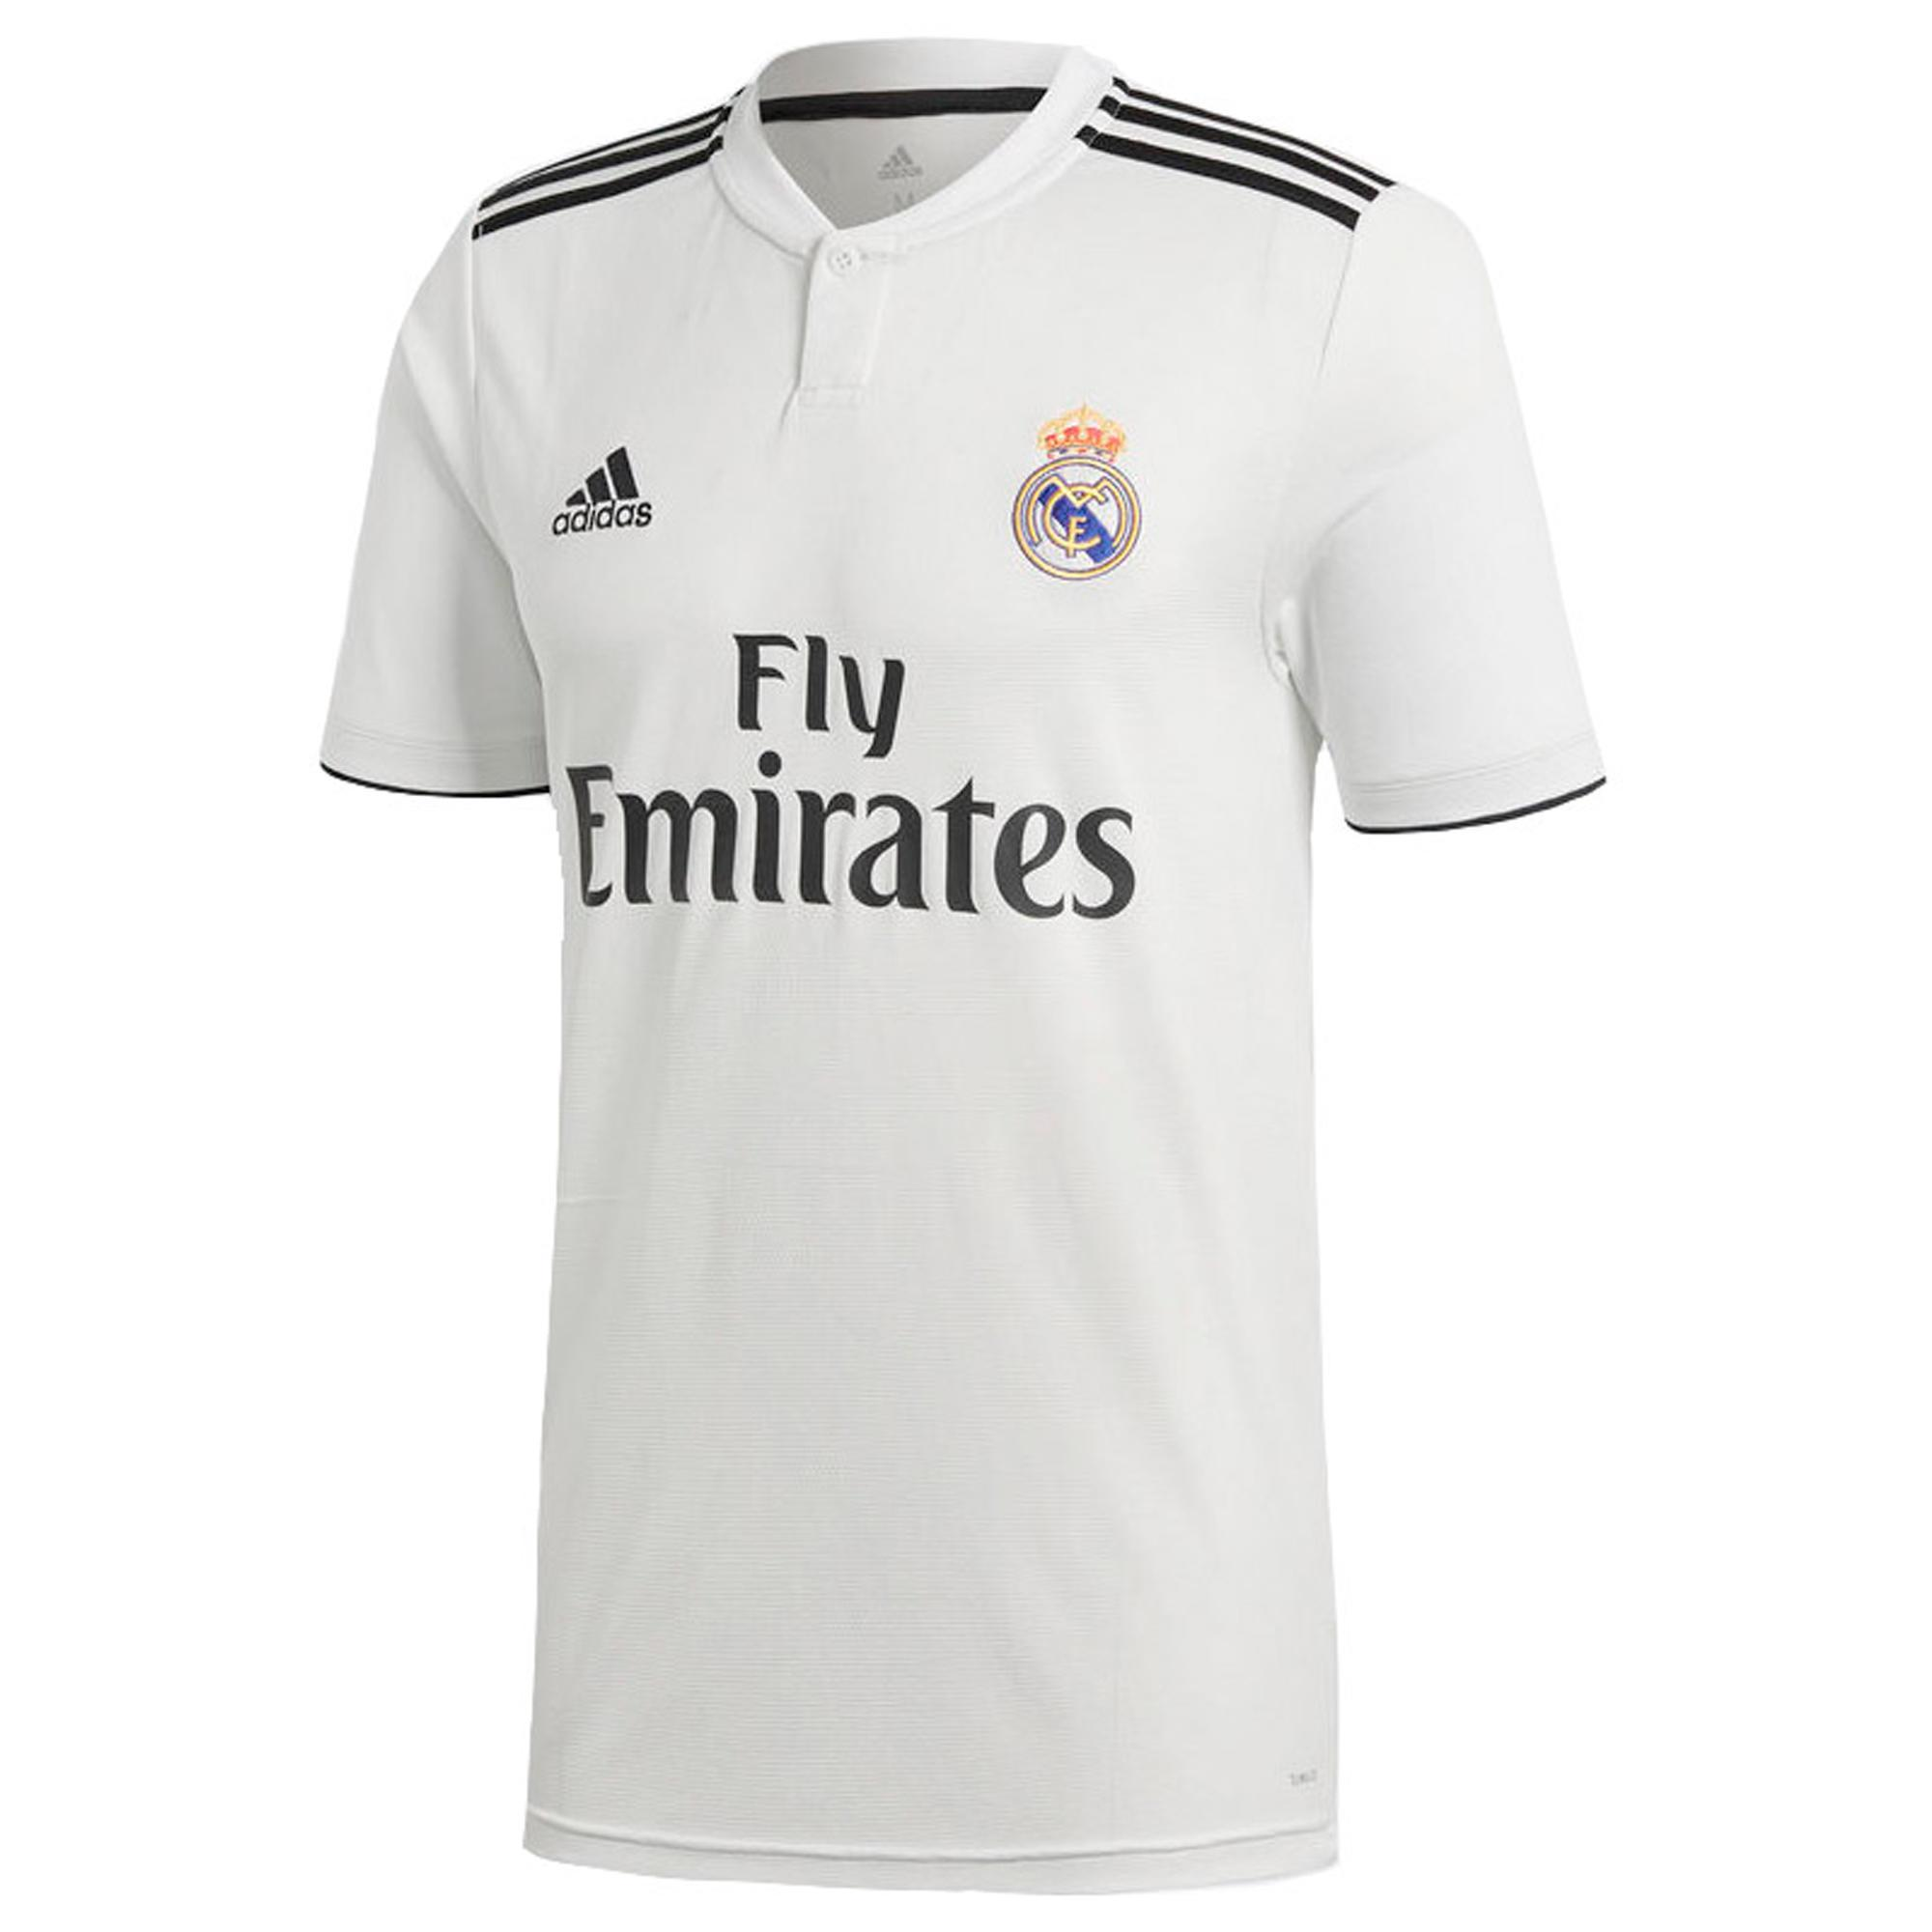 Equipación y Camisetas Oficiales Real Madrid 18 19  1a35e17f9eaa5